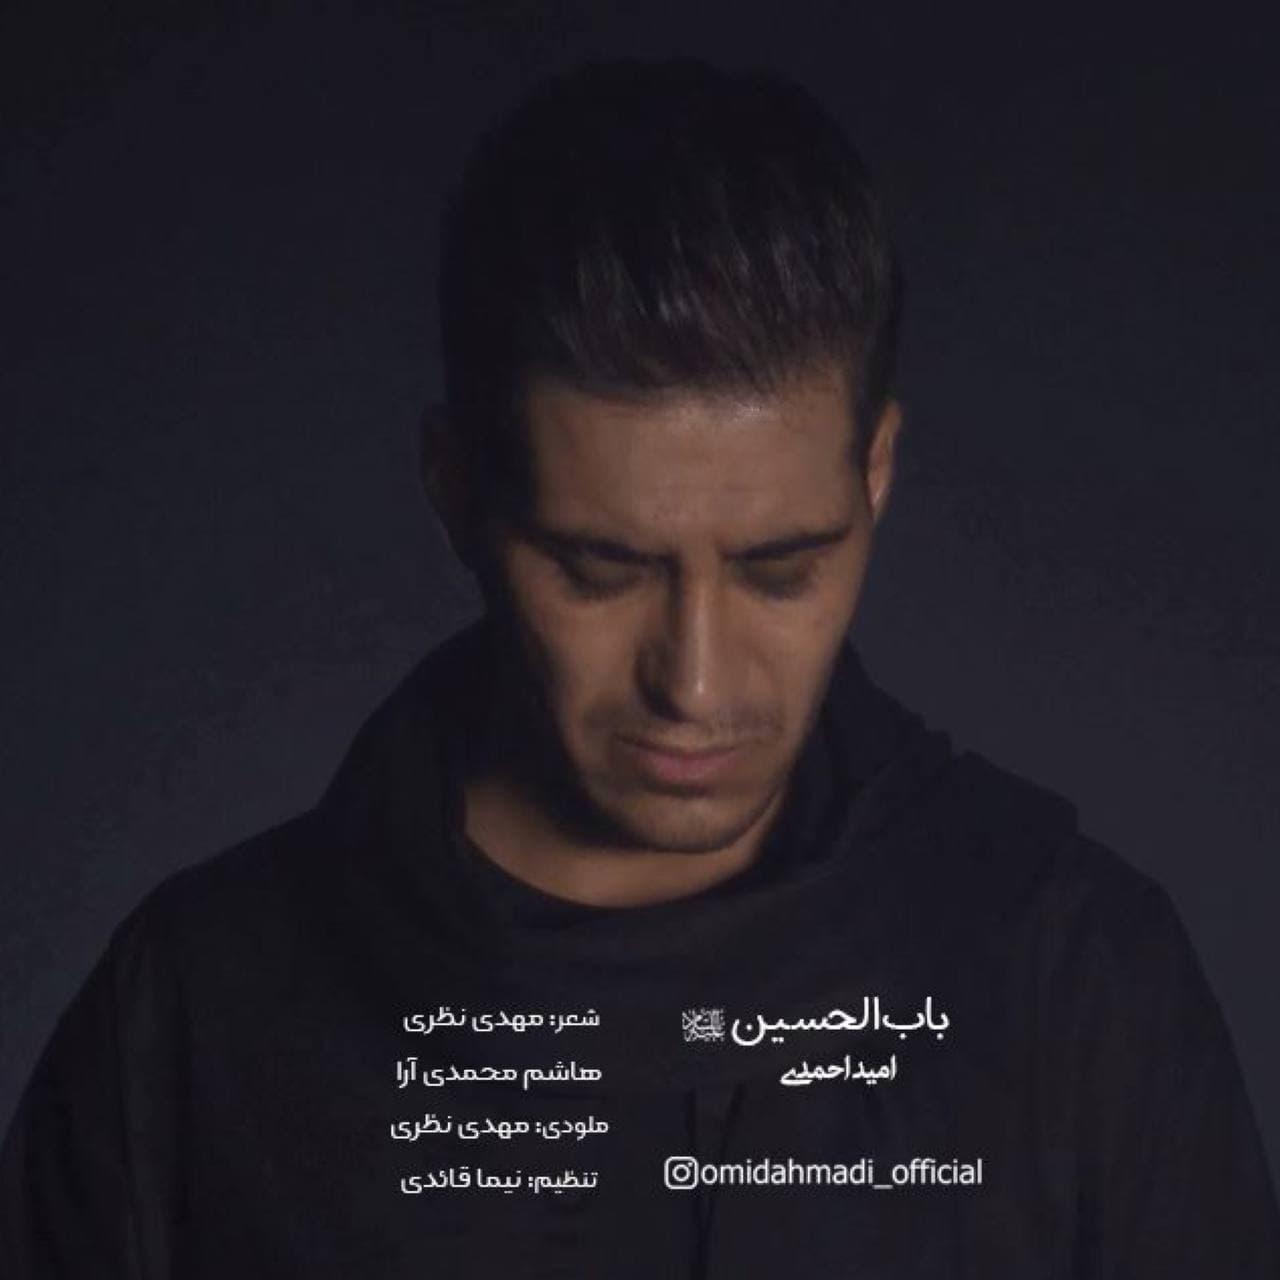 دانلود آهنگ امید احمدی به نام بابالحسینع از موزیک باز